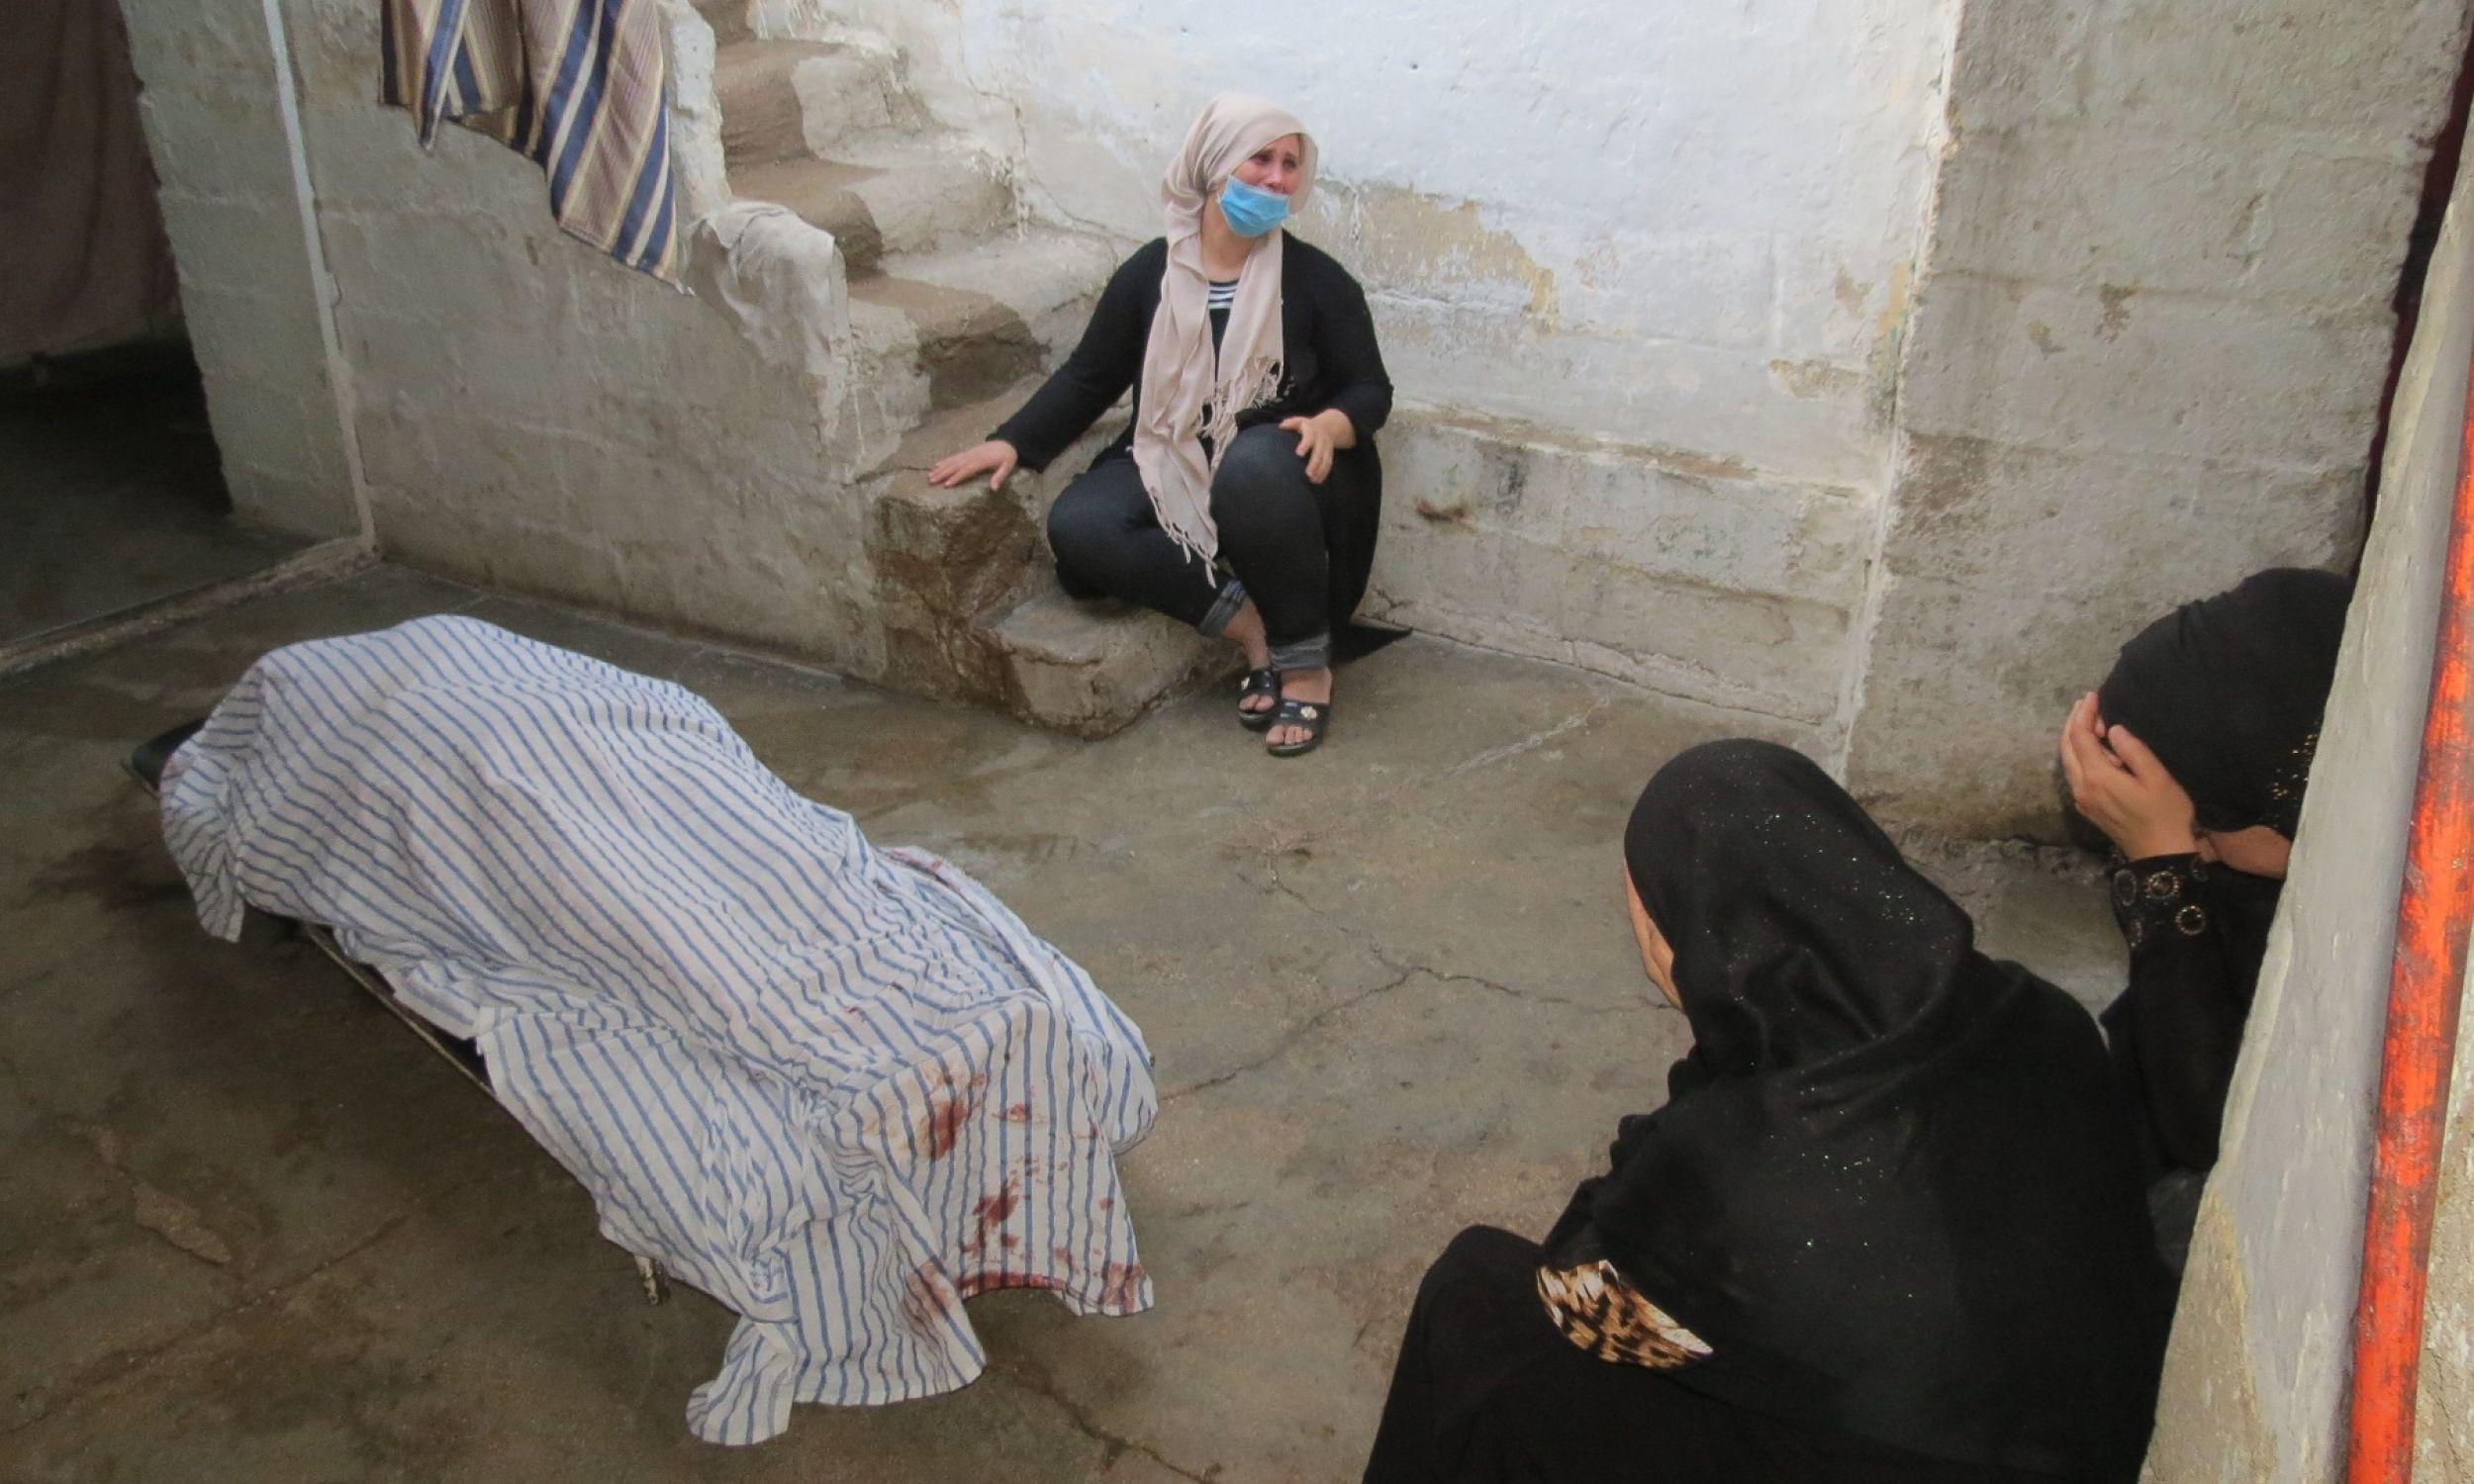 Kobiety lamentujące nad zwłokami jednej z ofiar tureckiego ostrzału Kamiszlo. 10 października 2019 r. Fot. Witold Repetowicz